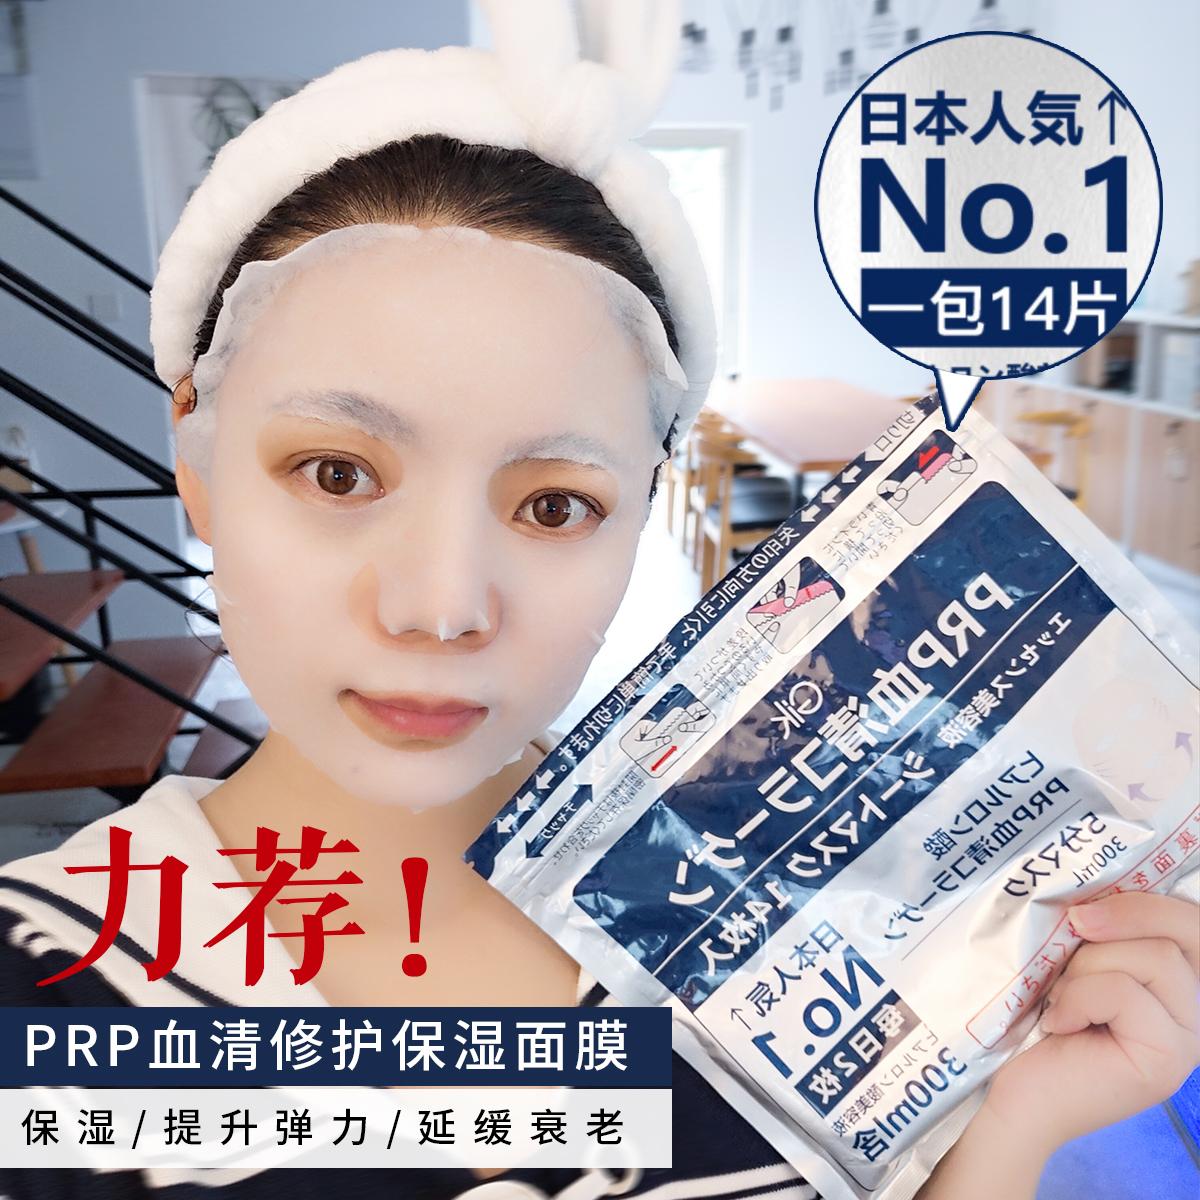 墙裂推荐款日本Gik PRP血清胶原蛋白面膜帖14片保湿提升弹力修护